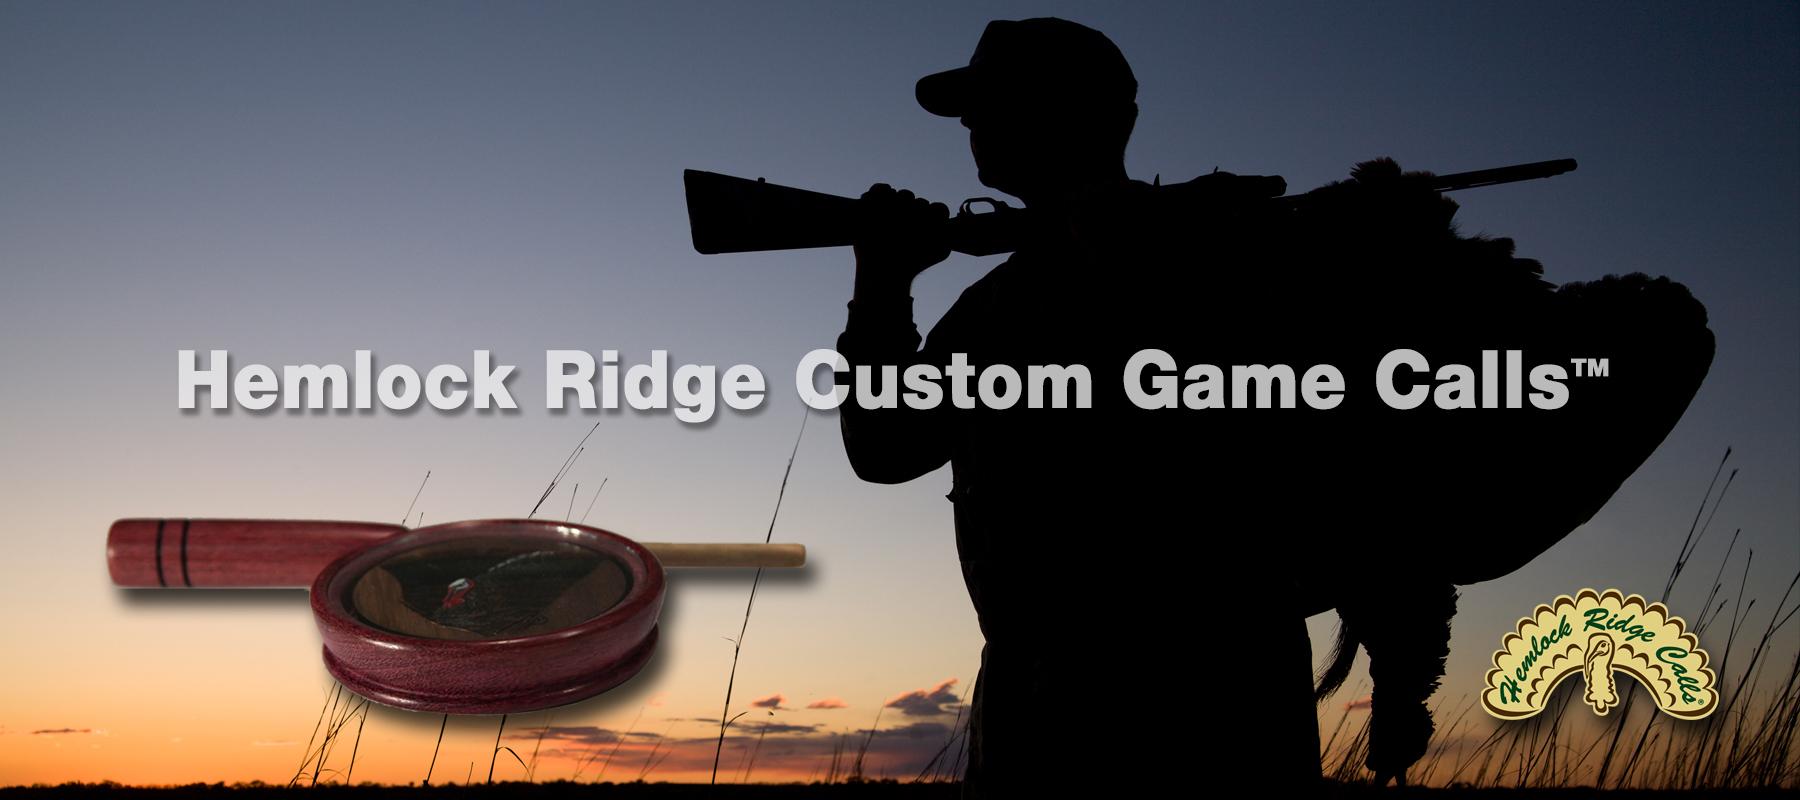 Hemlock Ridge Custom Game Calls